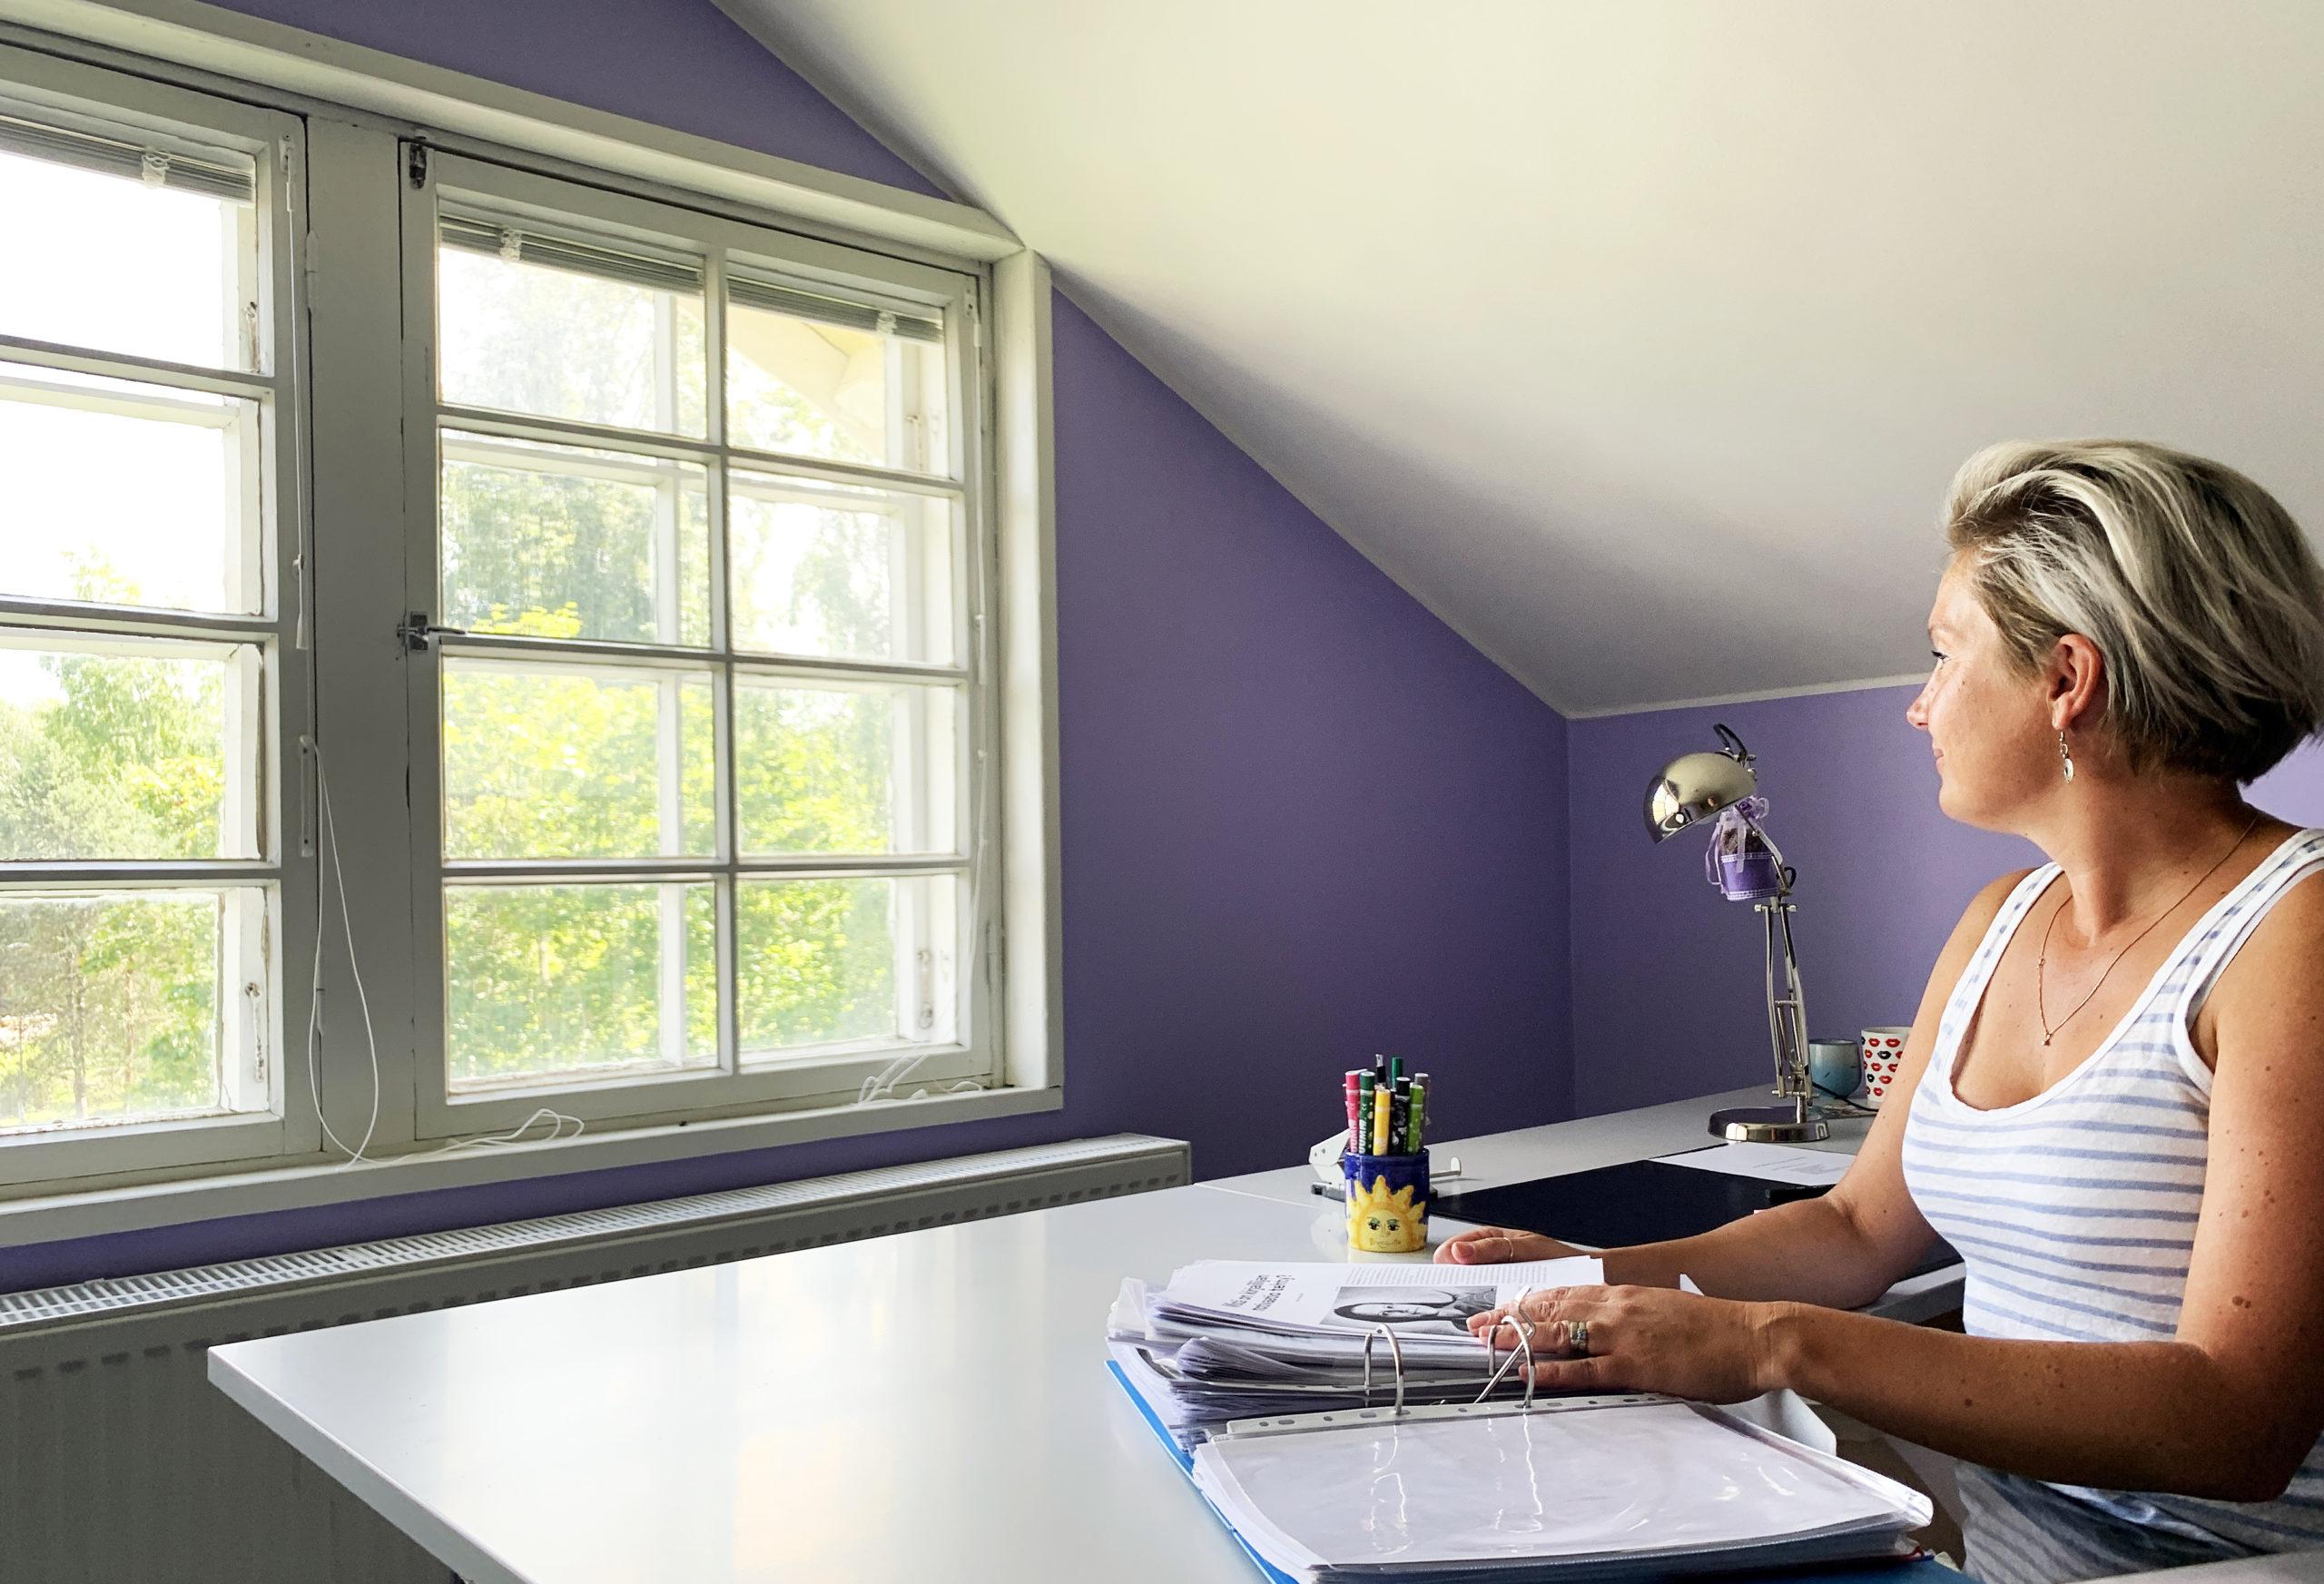 Lyhythiuksinen nainen katsoo ulos ikkunasta talossa, jossa violetit seinät.